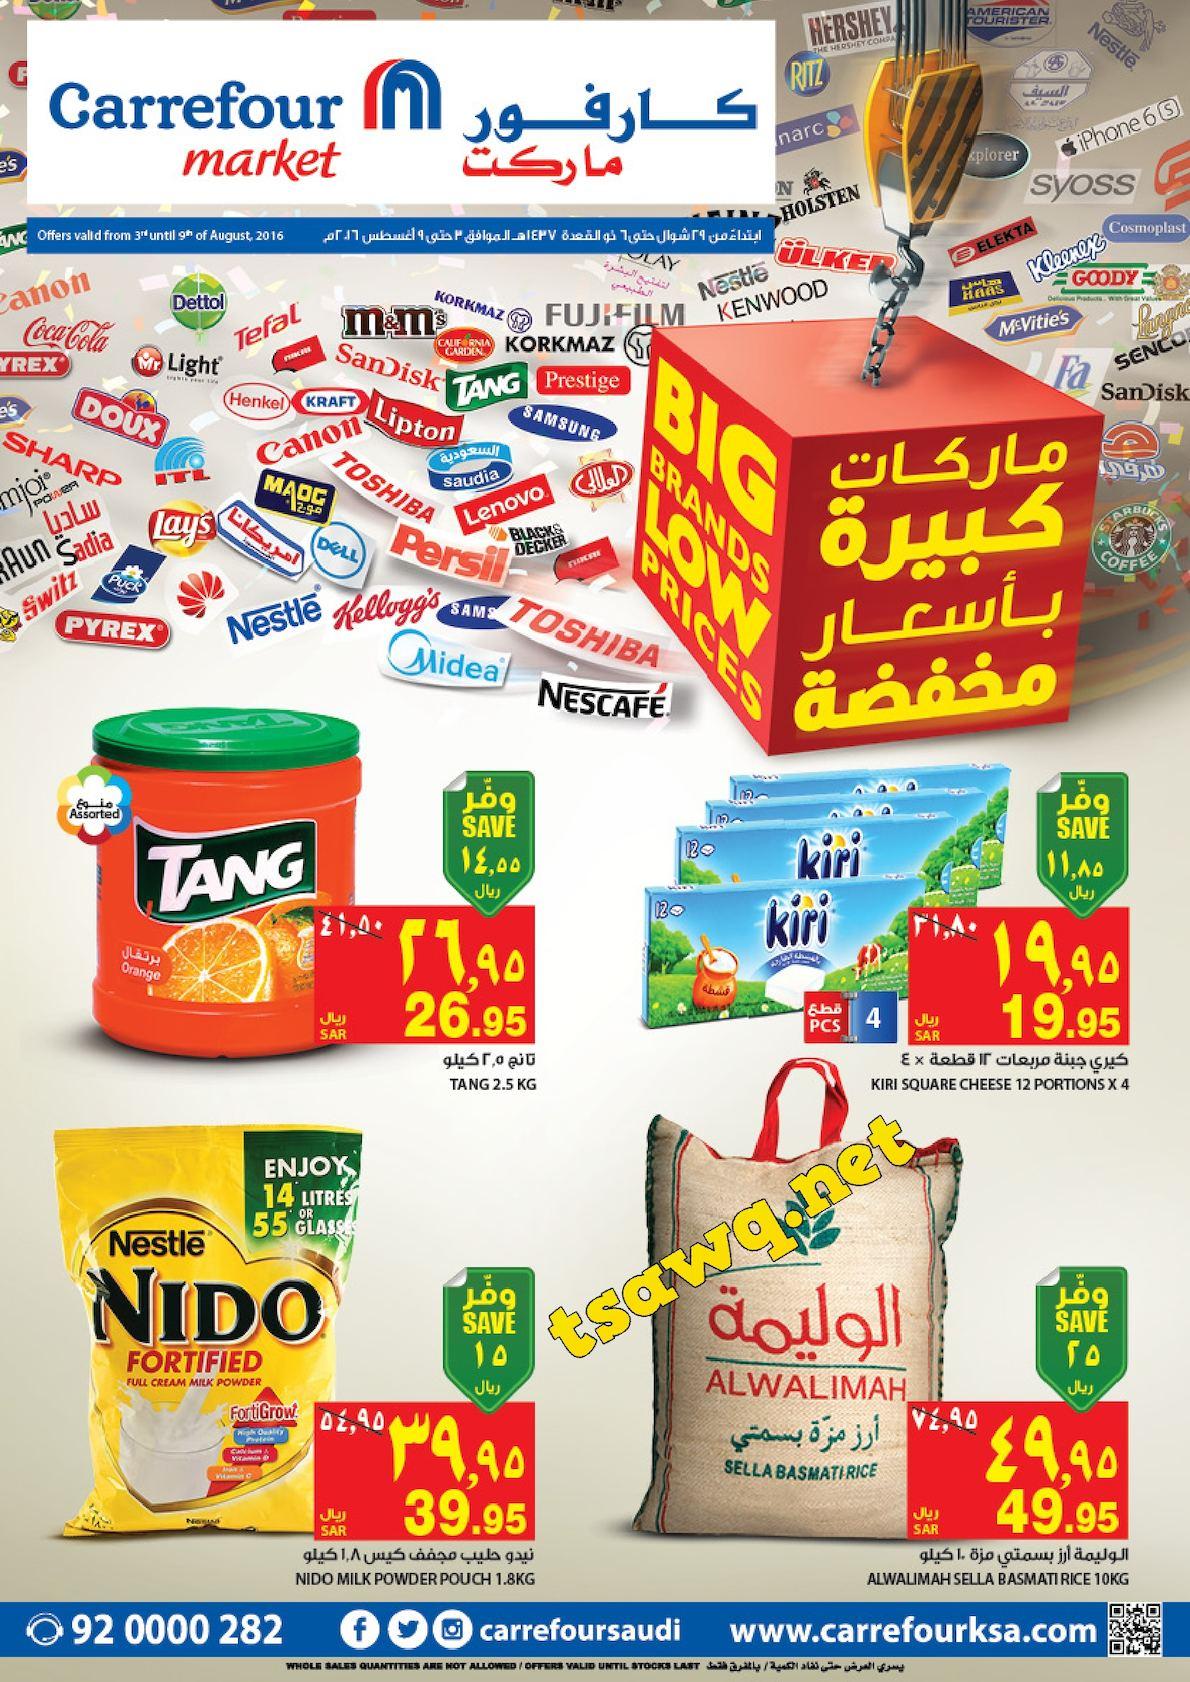 8f165dbc0fbc8 عروض كارفور ماركت السعودية من 3 حتى 9 أغسطس 2016 ماركات كبيرة بأسعار مخفضة